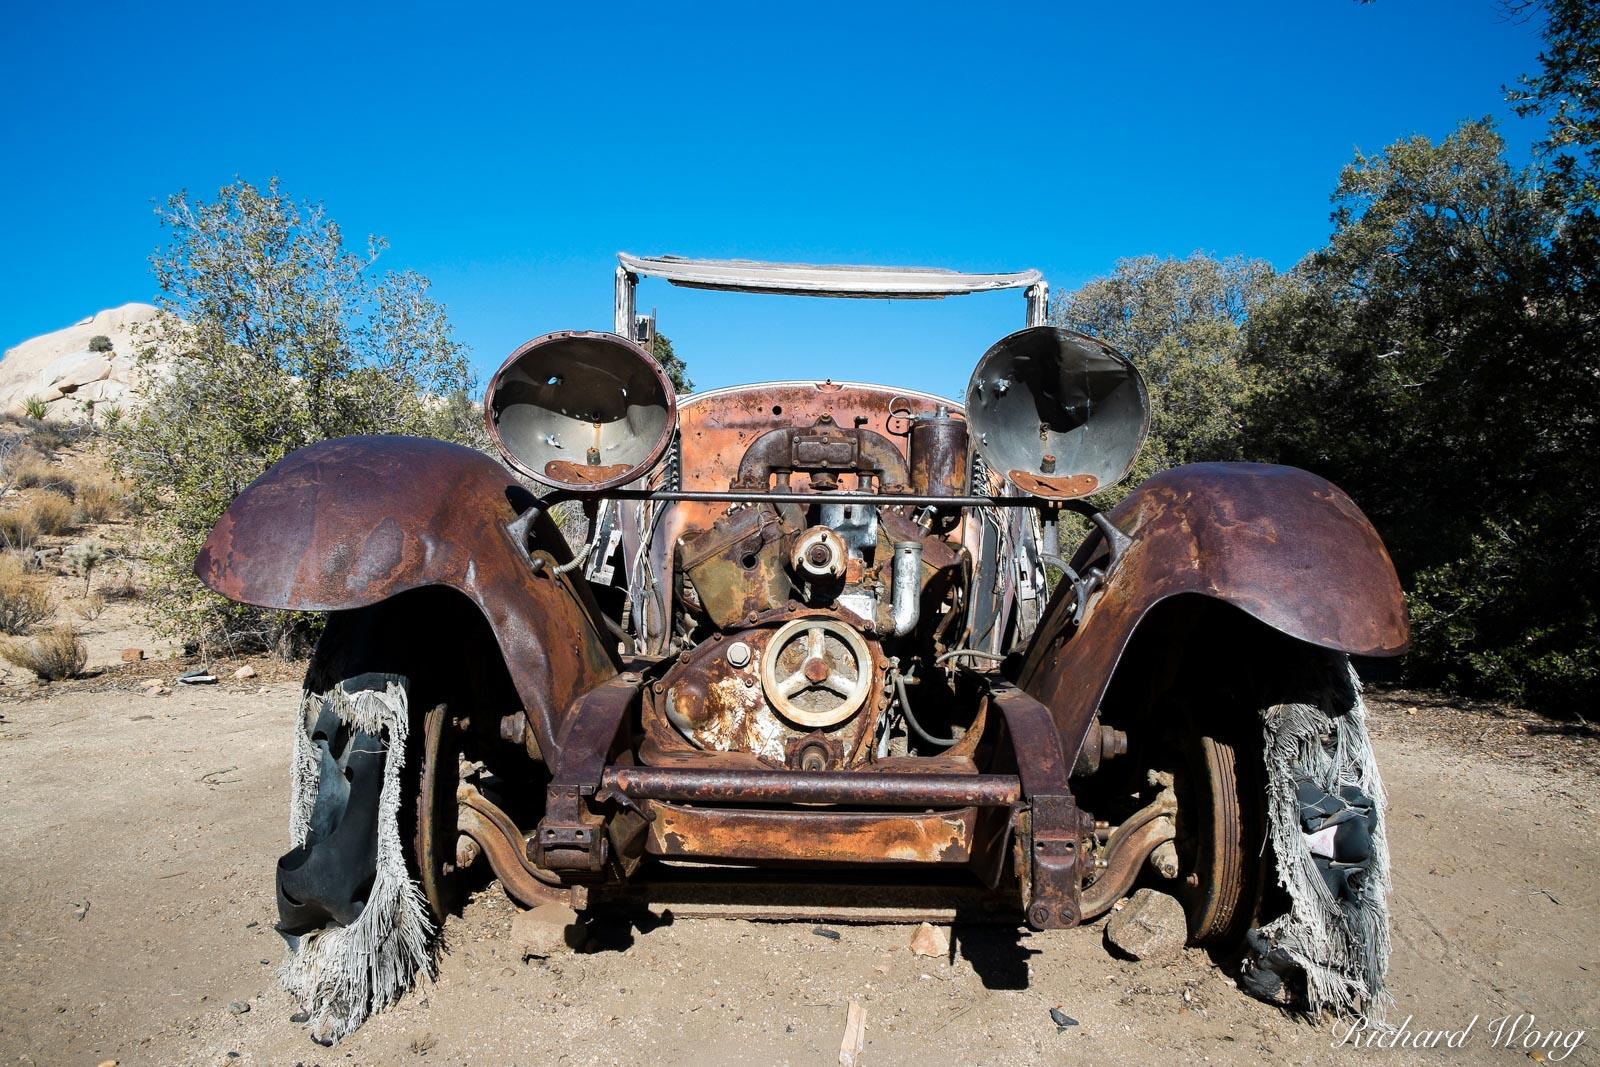 Abandoned Car at Wall Street Mill, Joshua Tree National Park, California, photo, photo